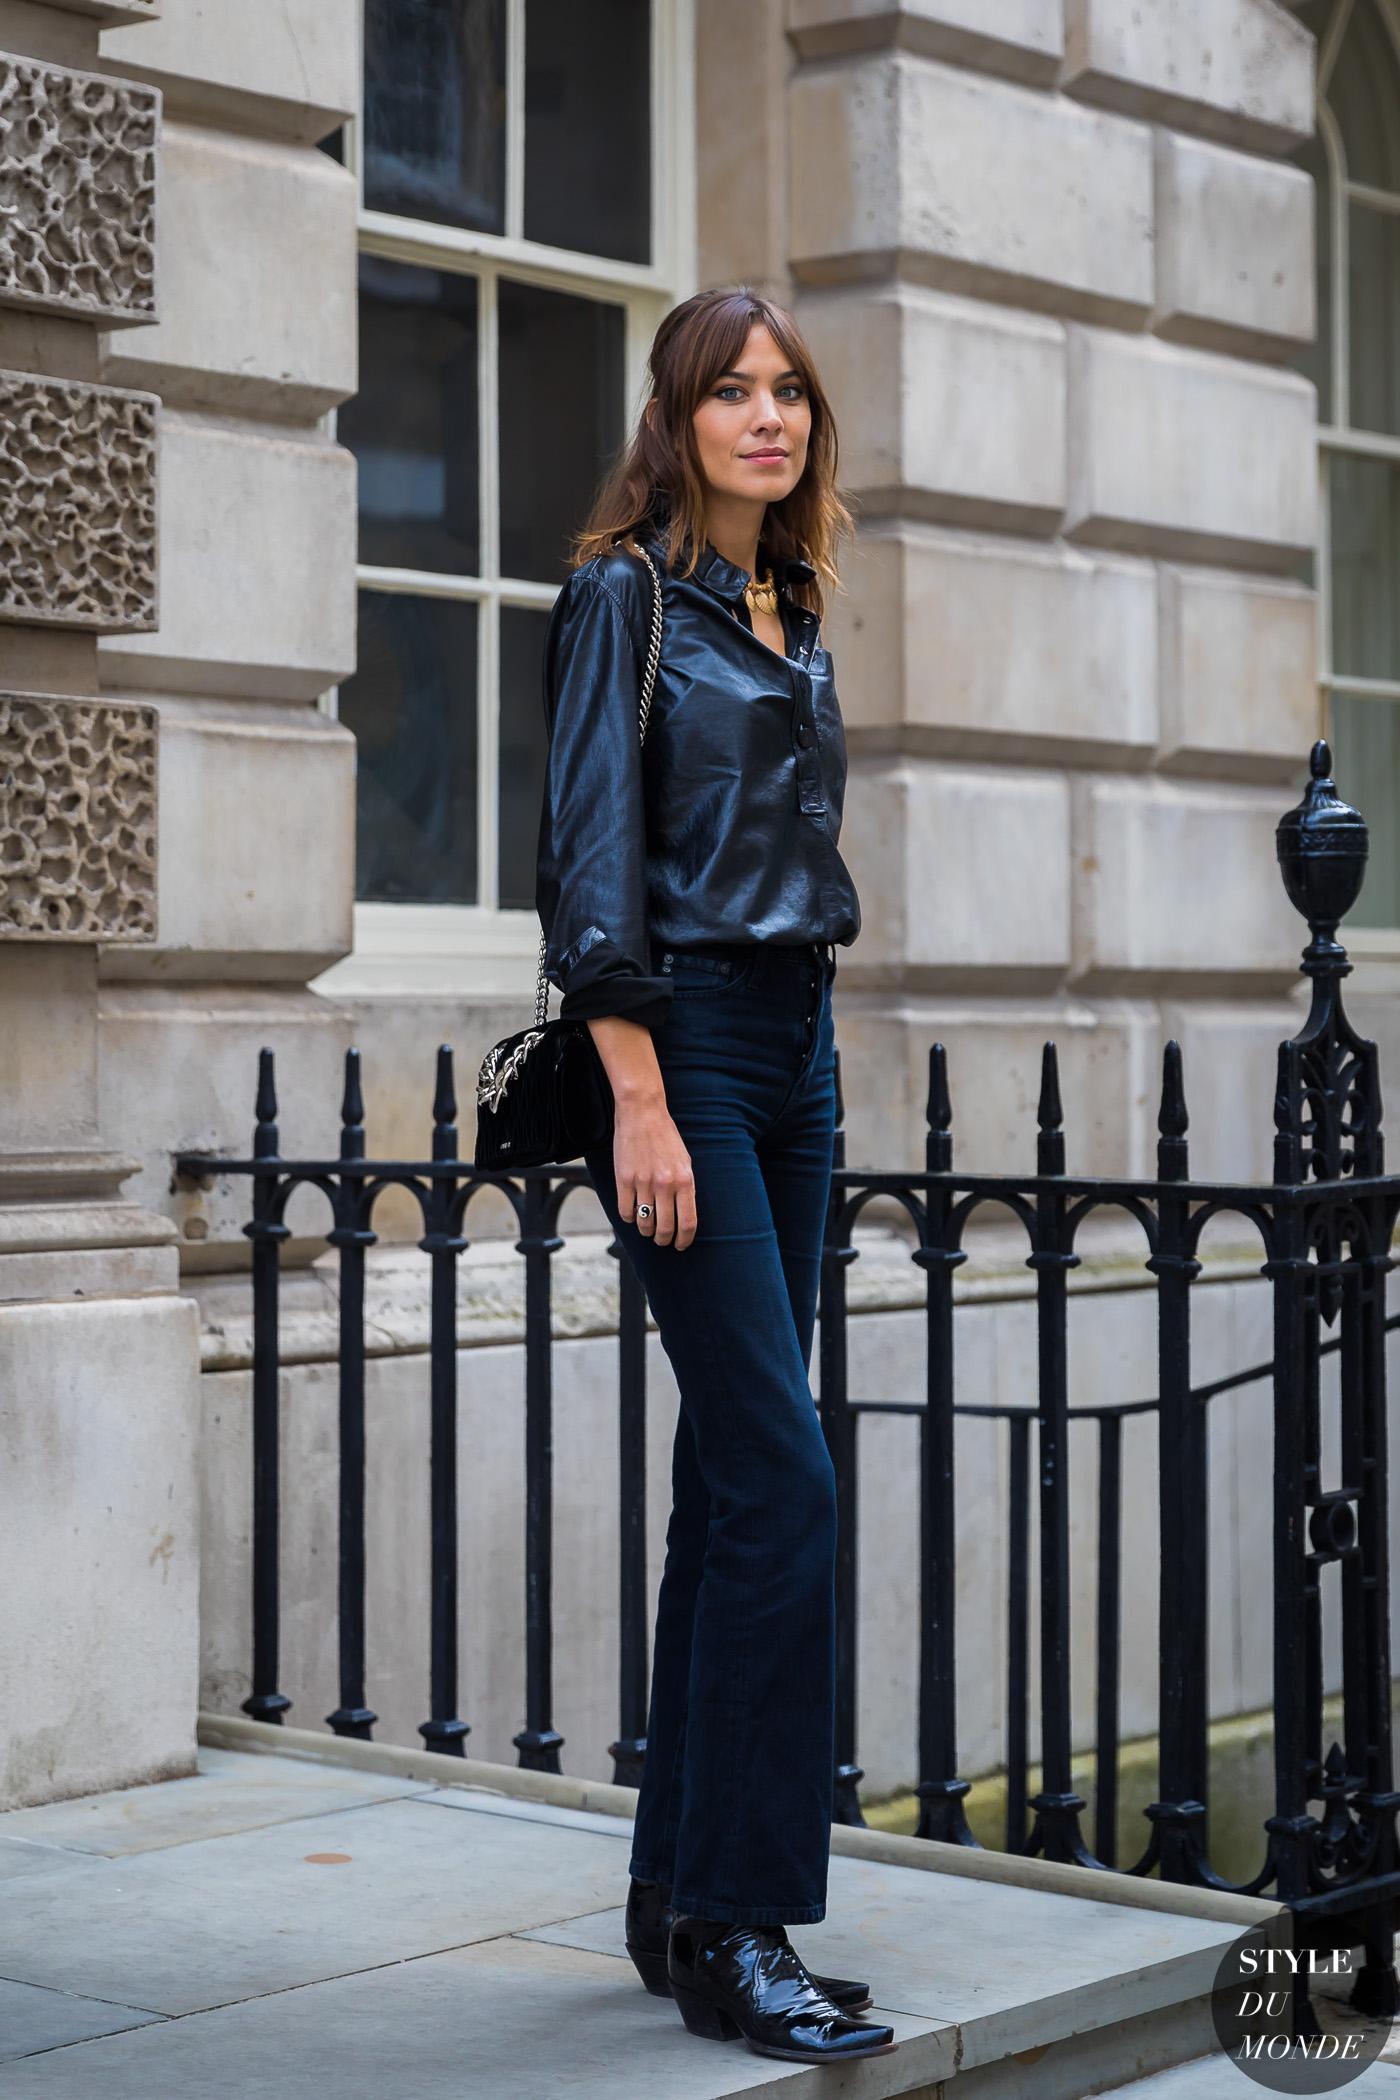 alexa chung mặc quần jeans đen và áo sơmi lụa